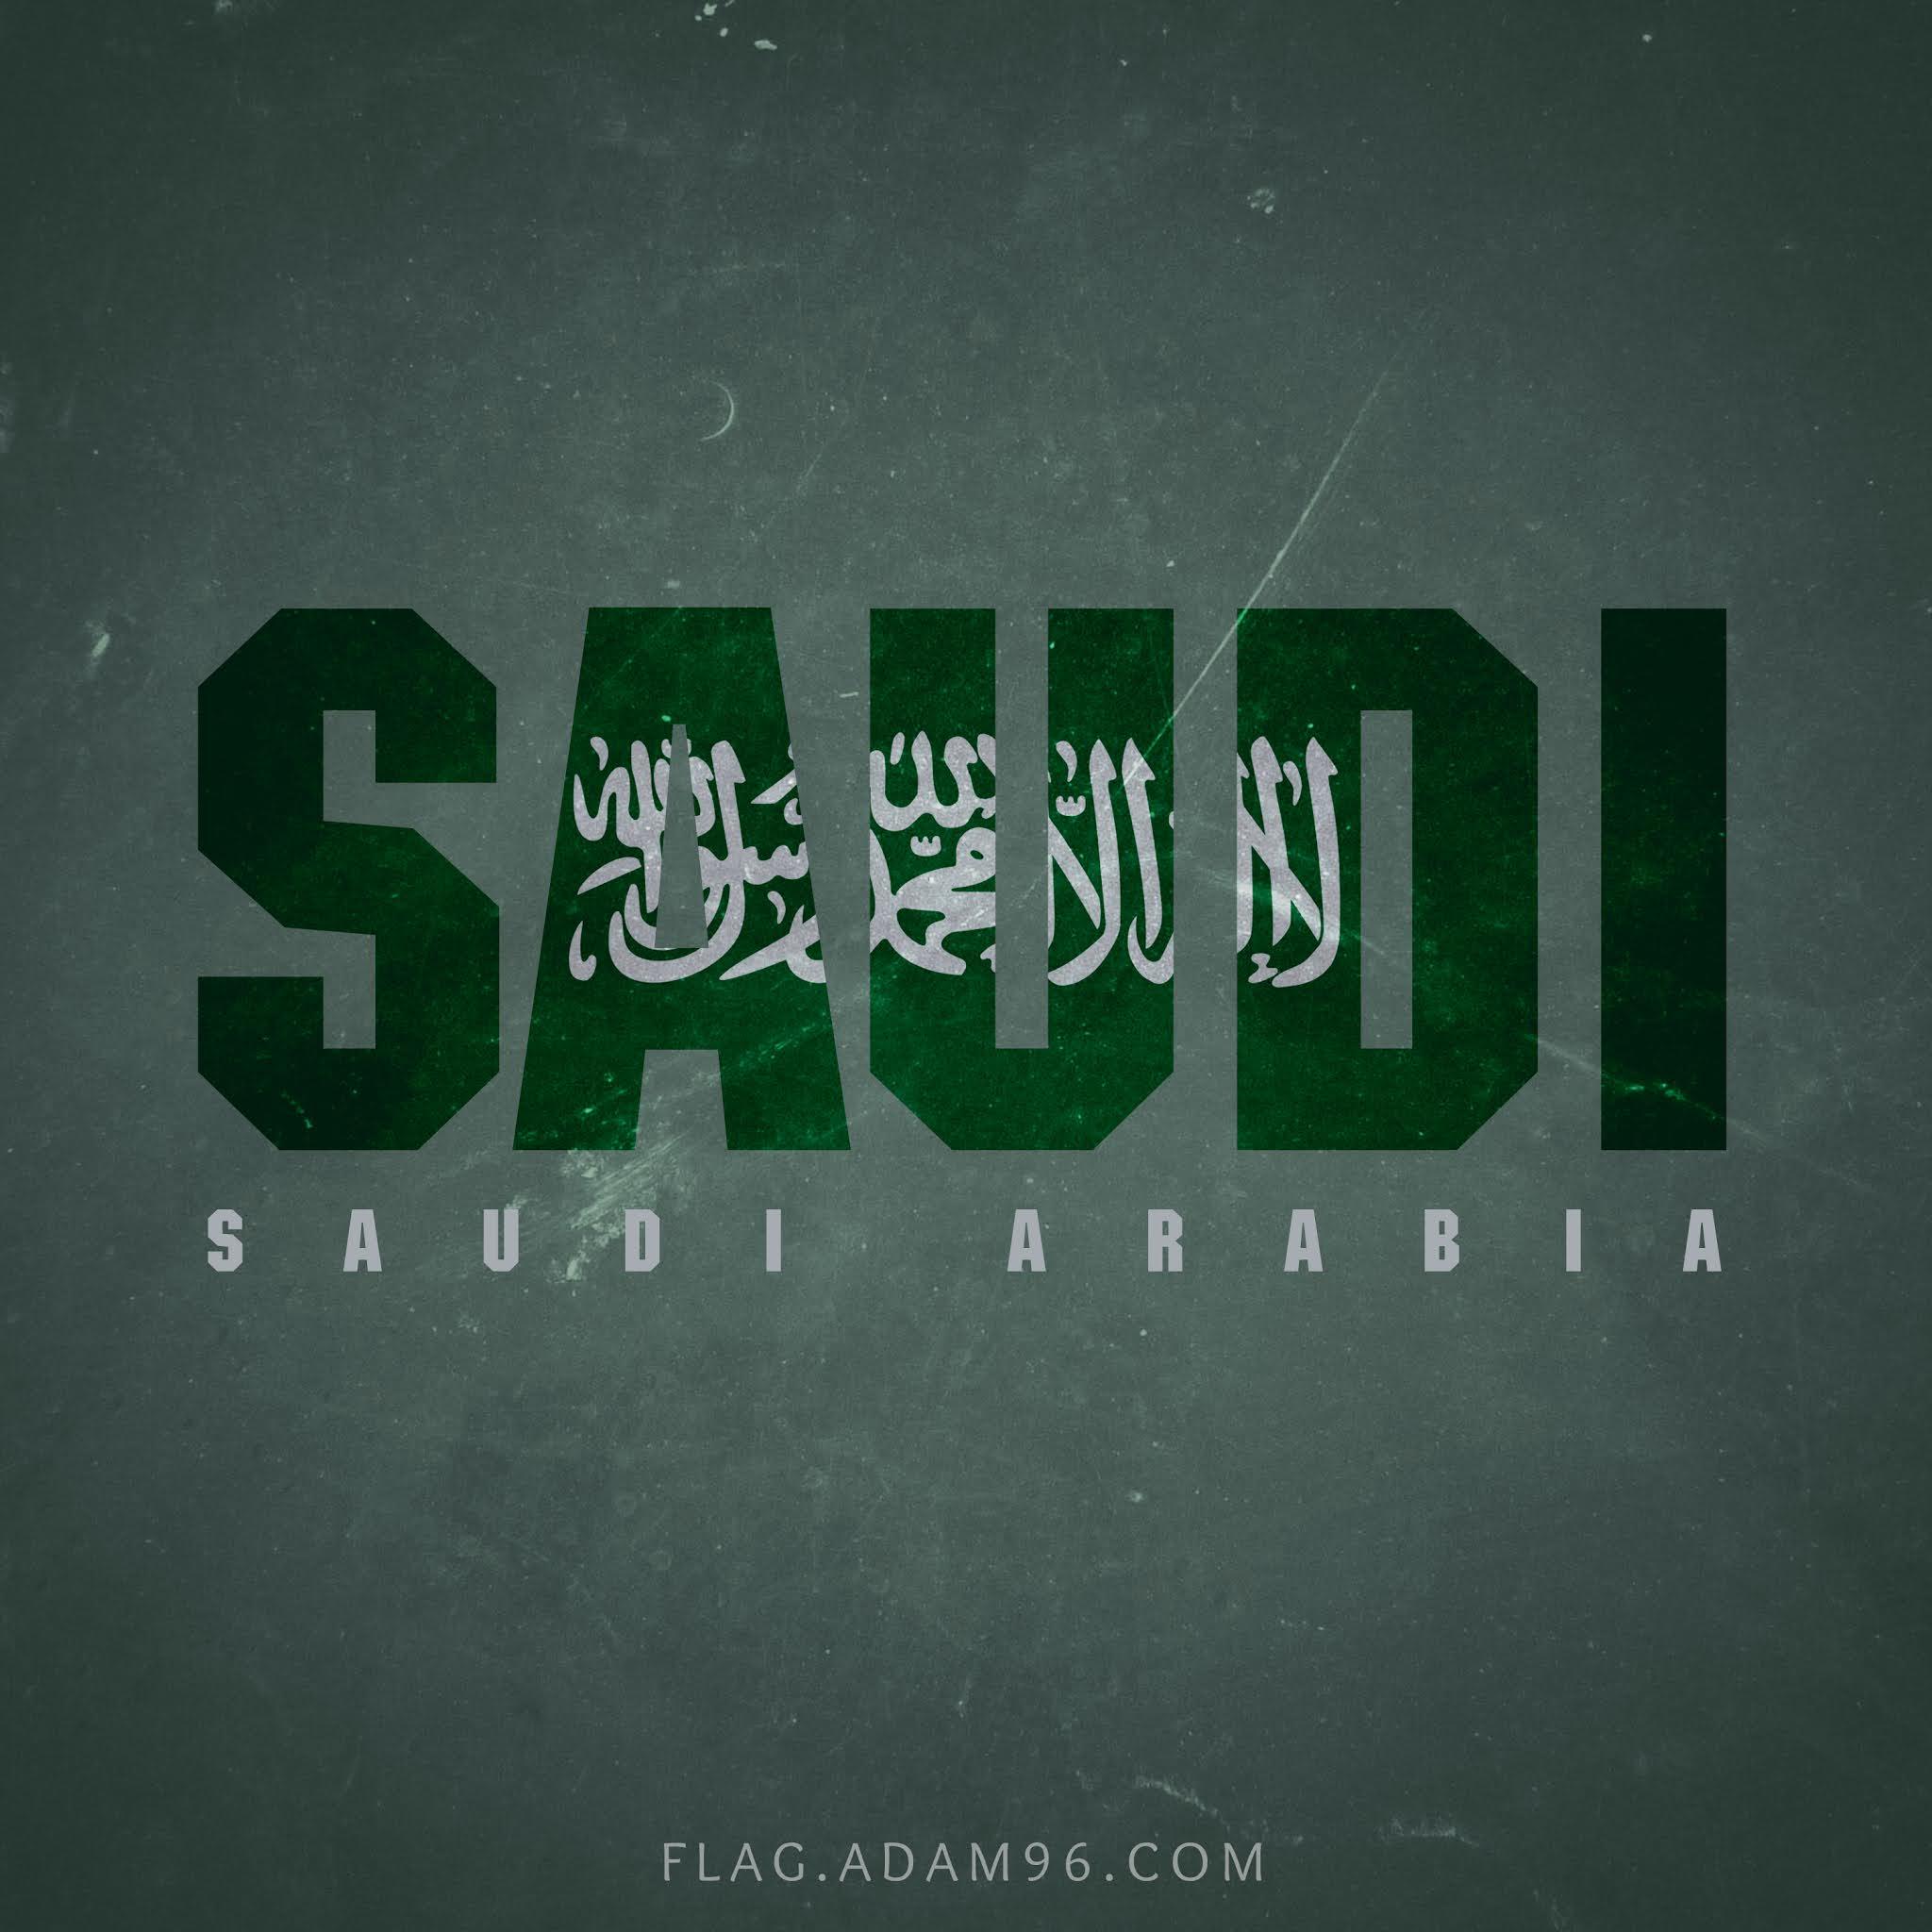 اجمل خلفية علم السعودية صور علم السعودية Saudi Arabia Flag